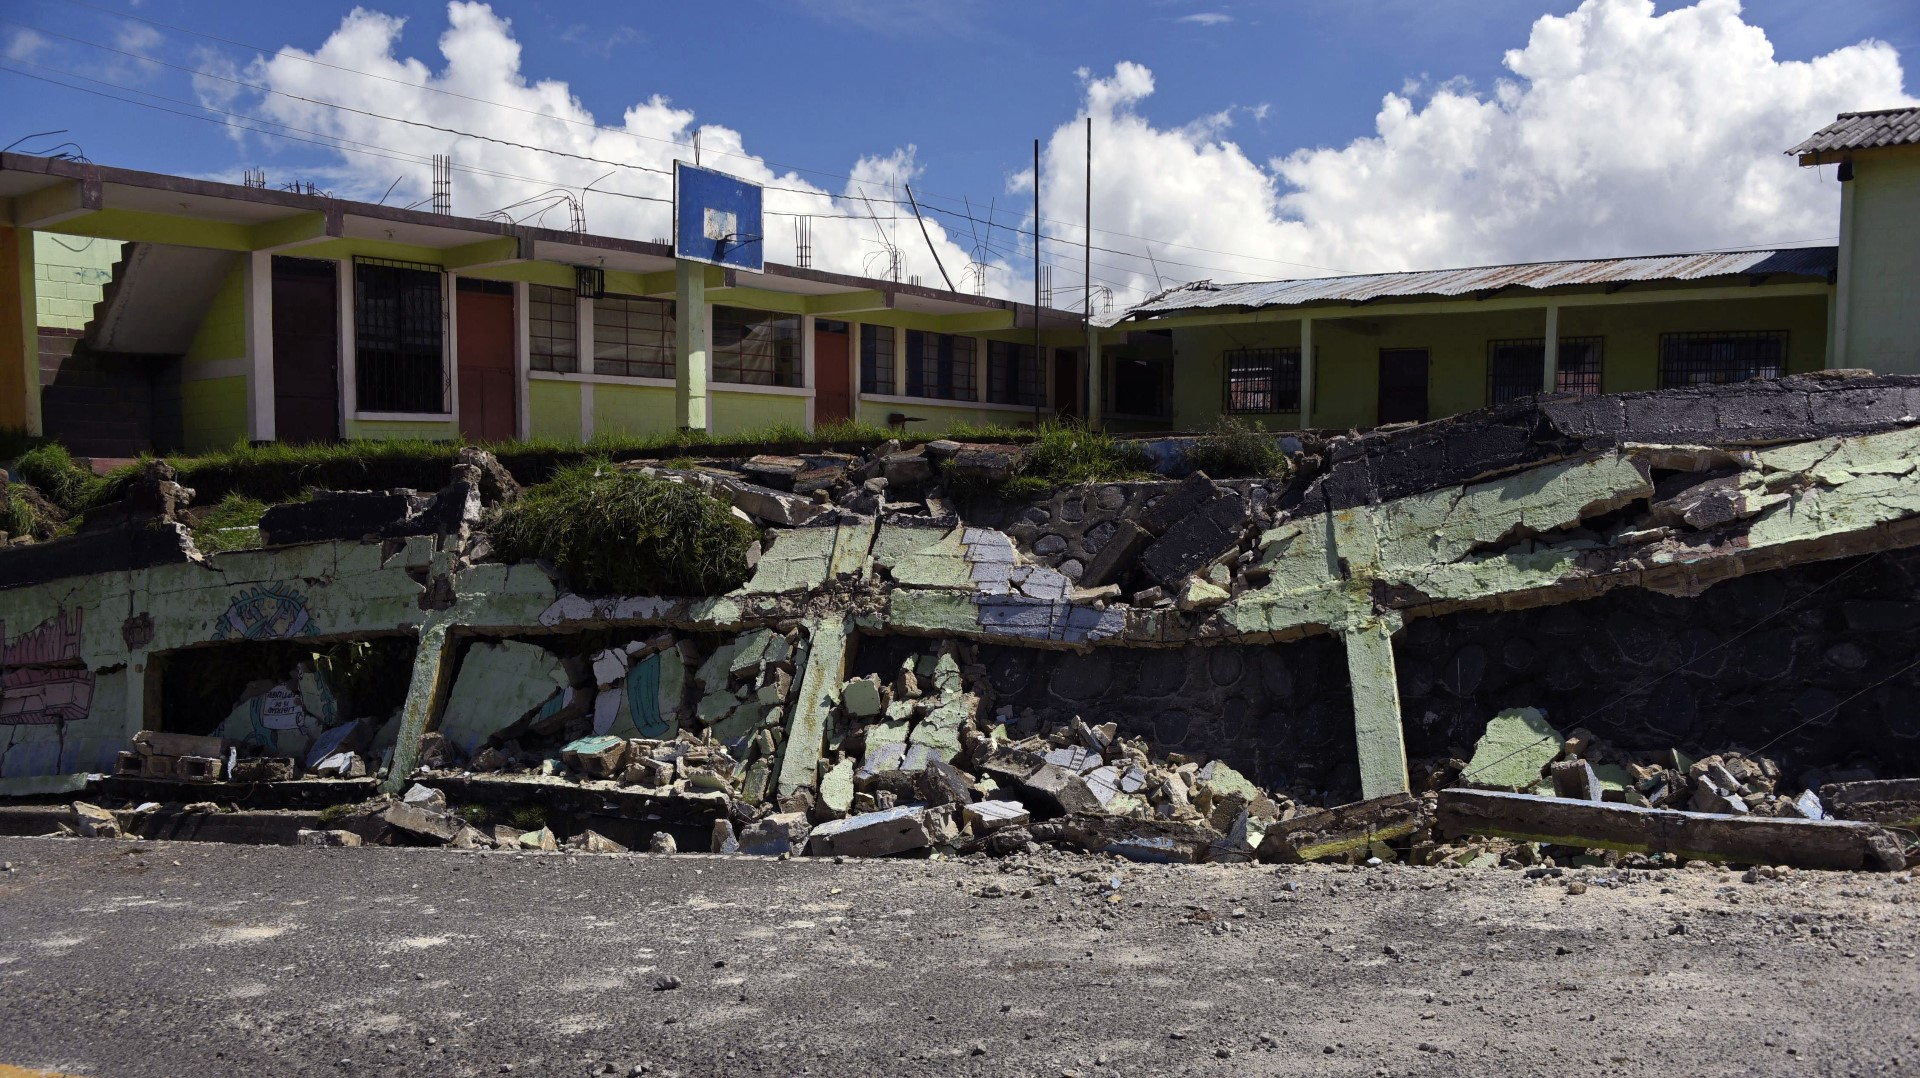 Al Menos 32 Muertos A Cobrado El Terremoto Mas Fuerte Que Se Ha Sentido En Mexico 12news Com